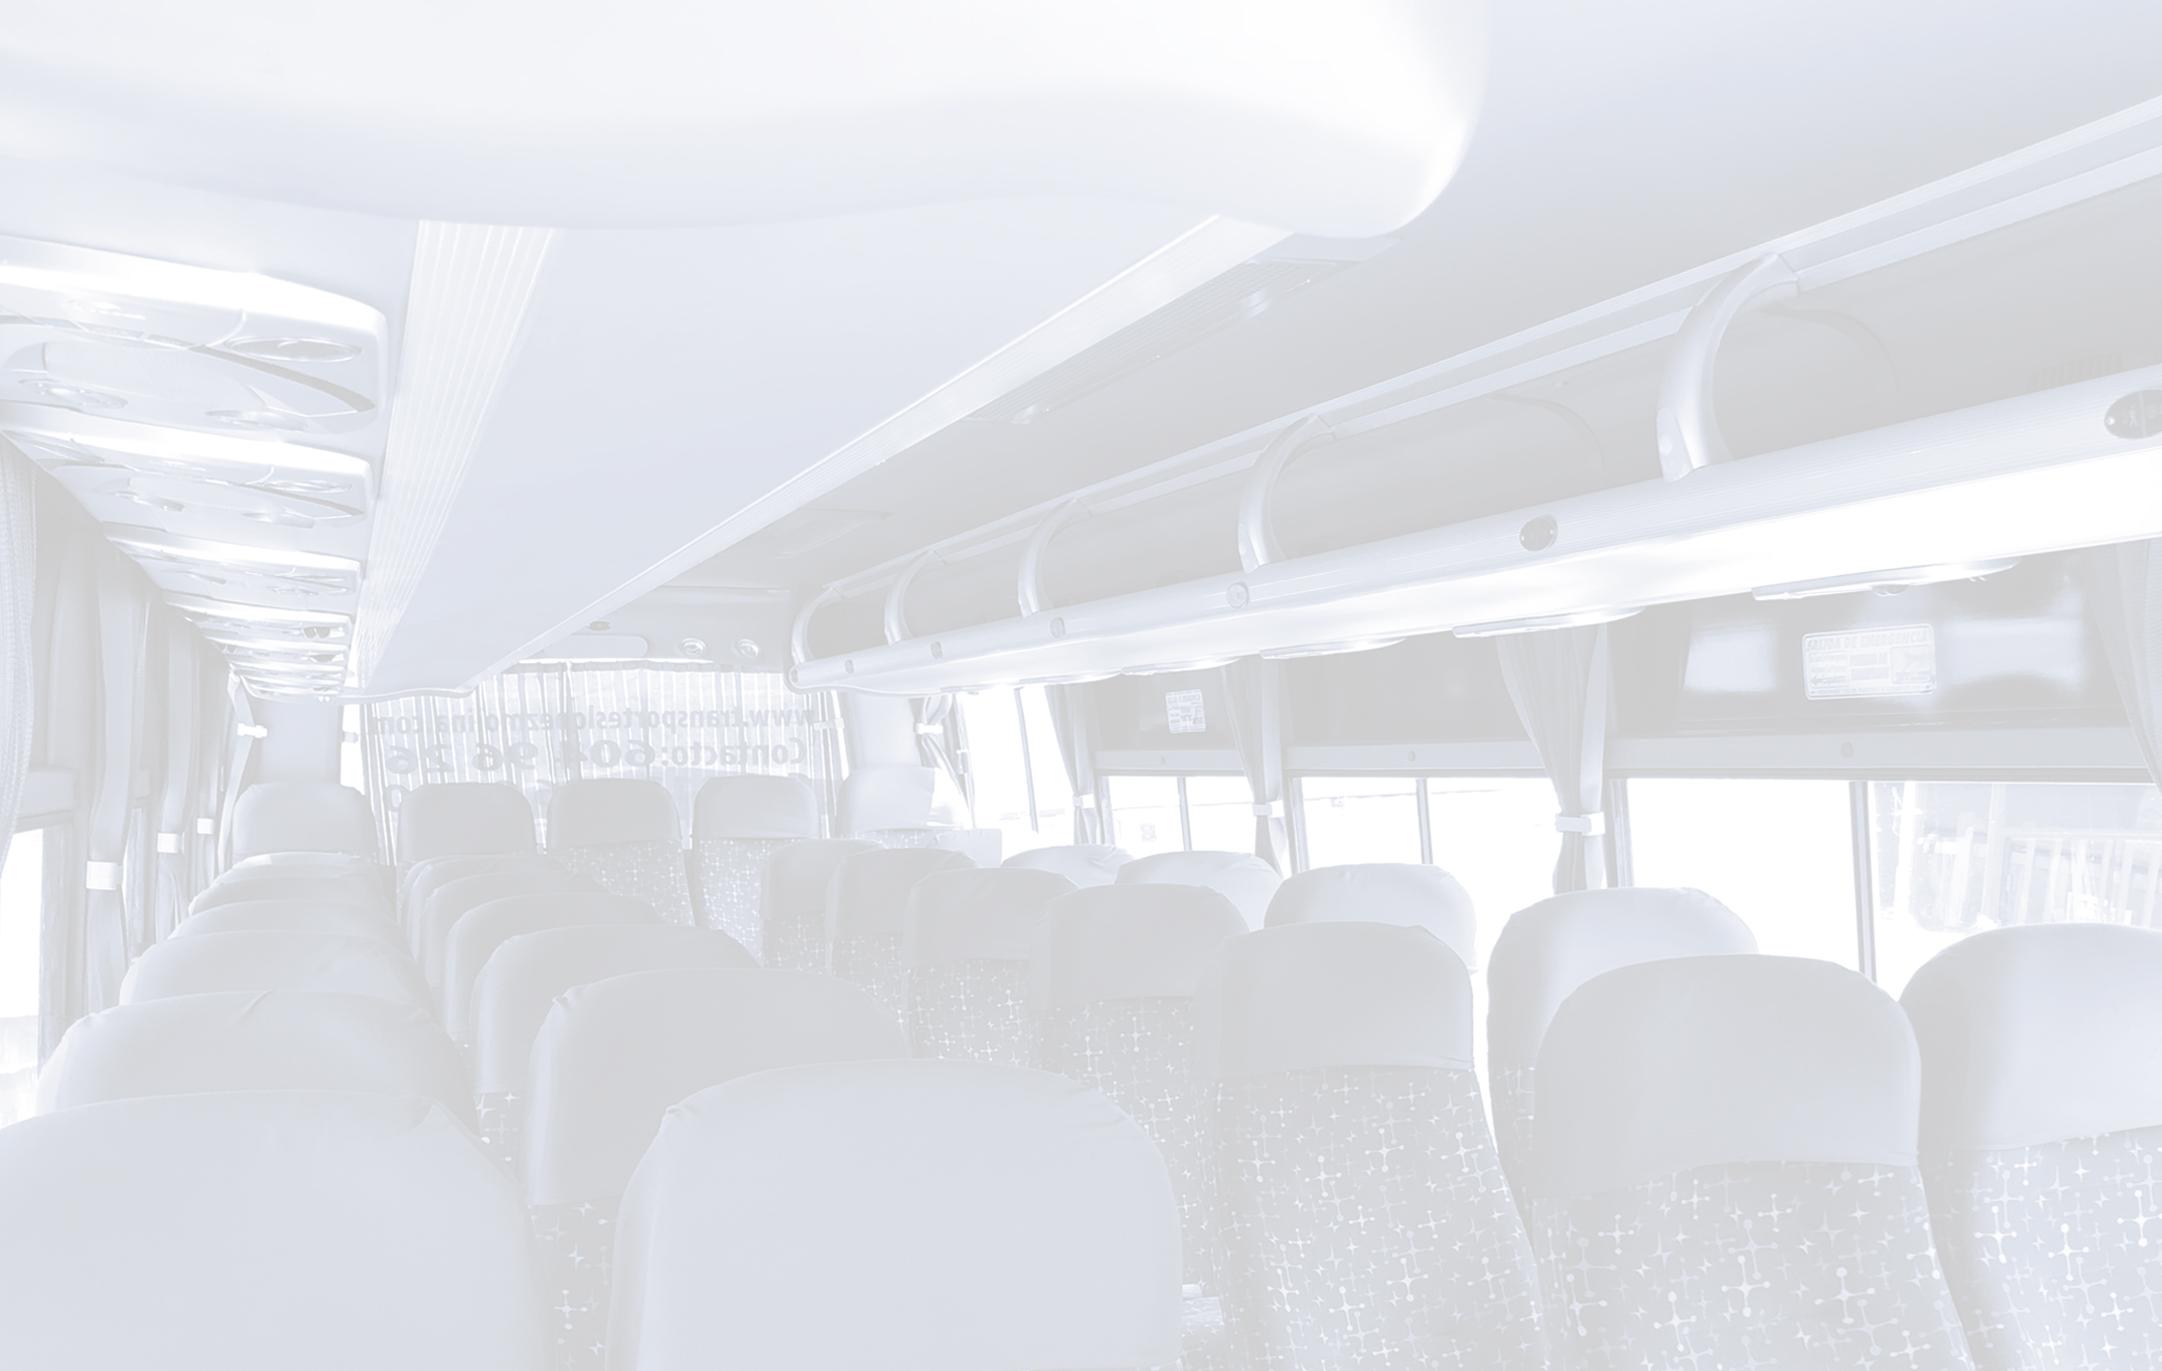 fondo-transporte-buses-web-03